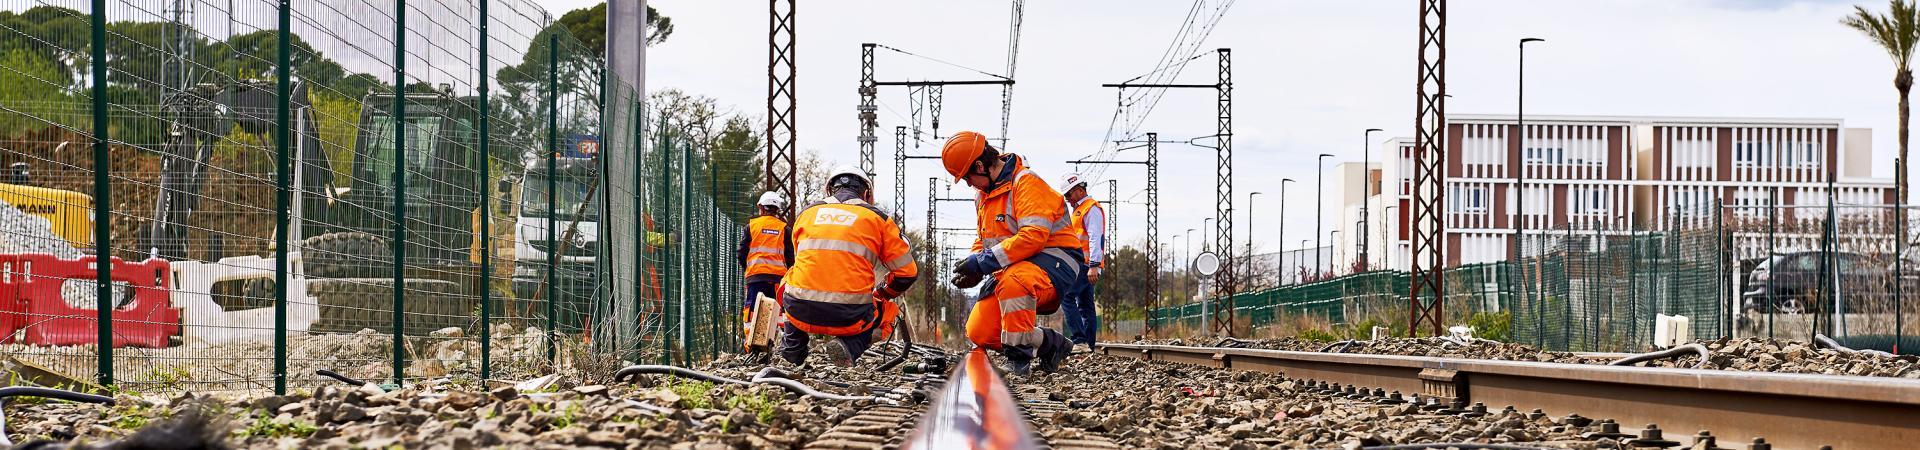 Couverte plaquette chantier 2019 Occitanie